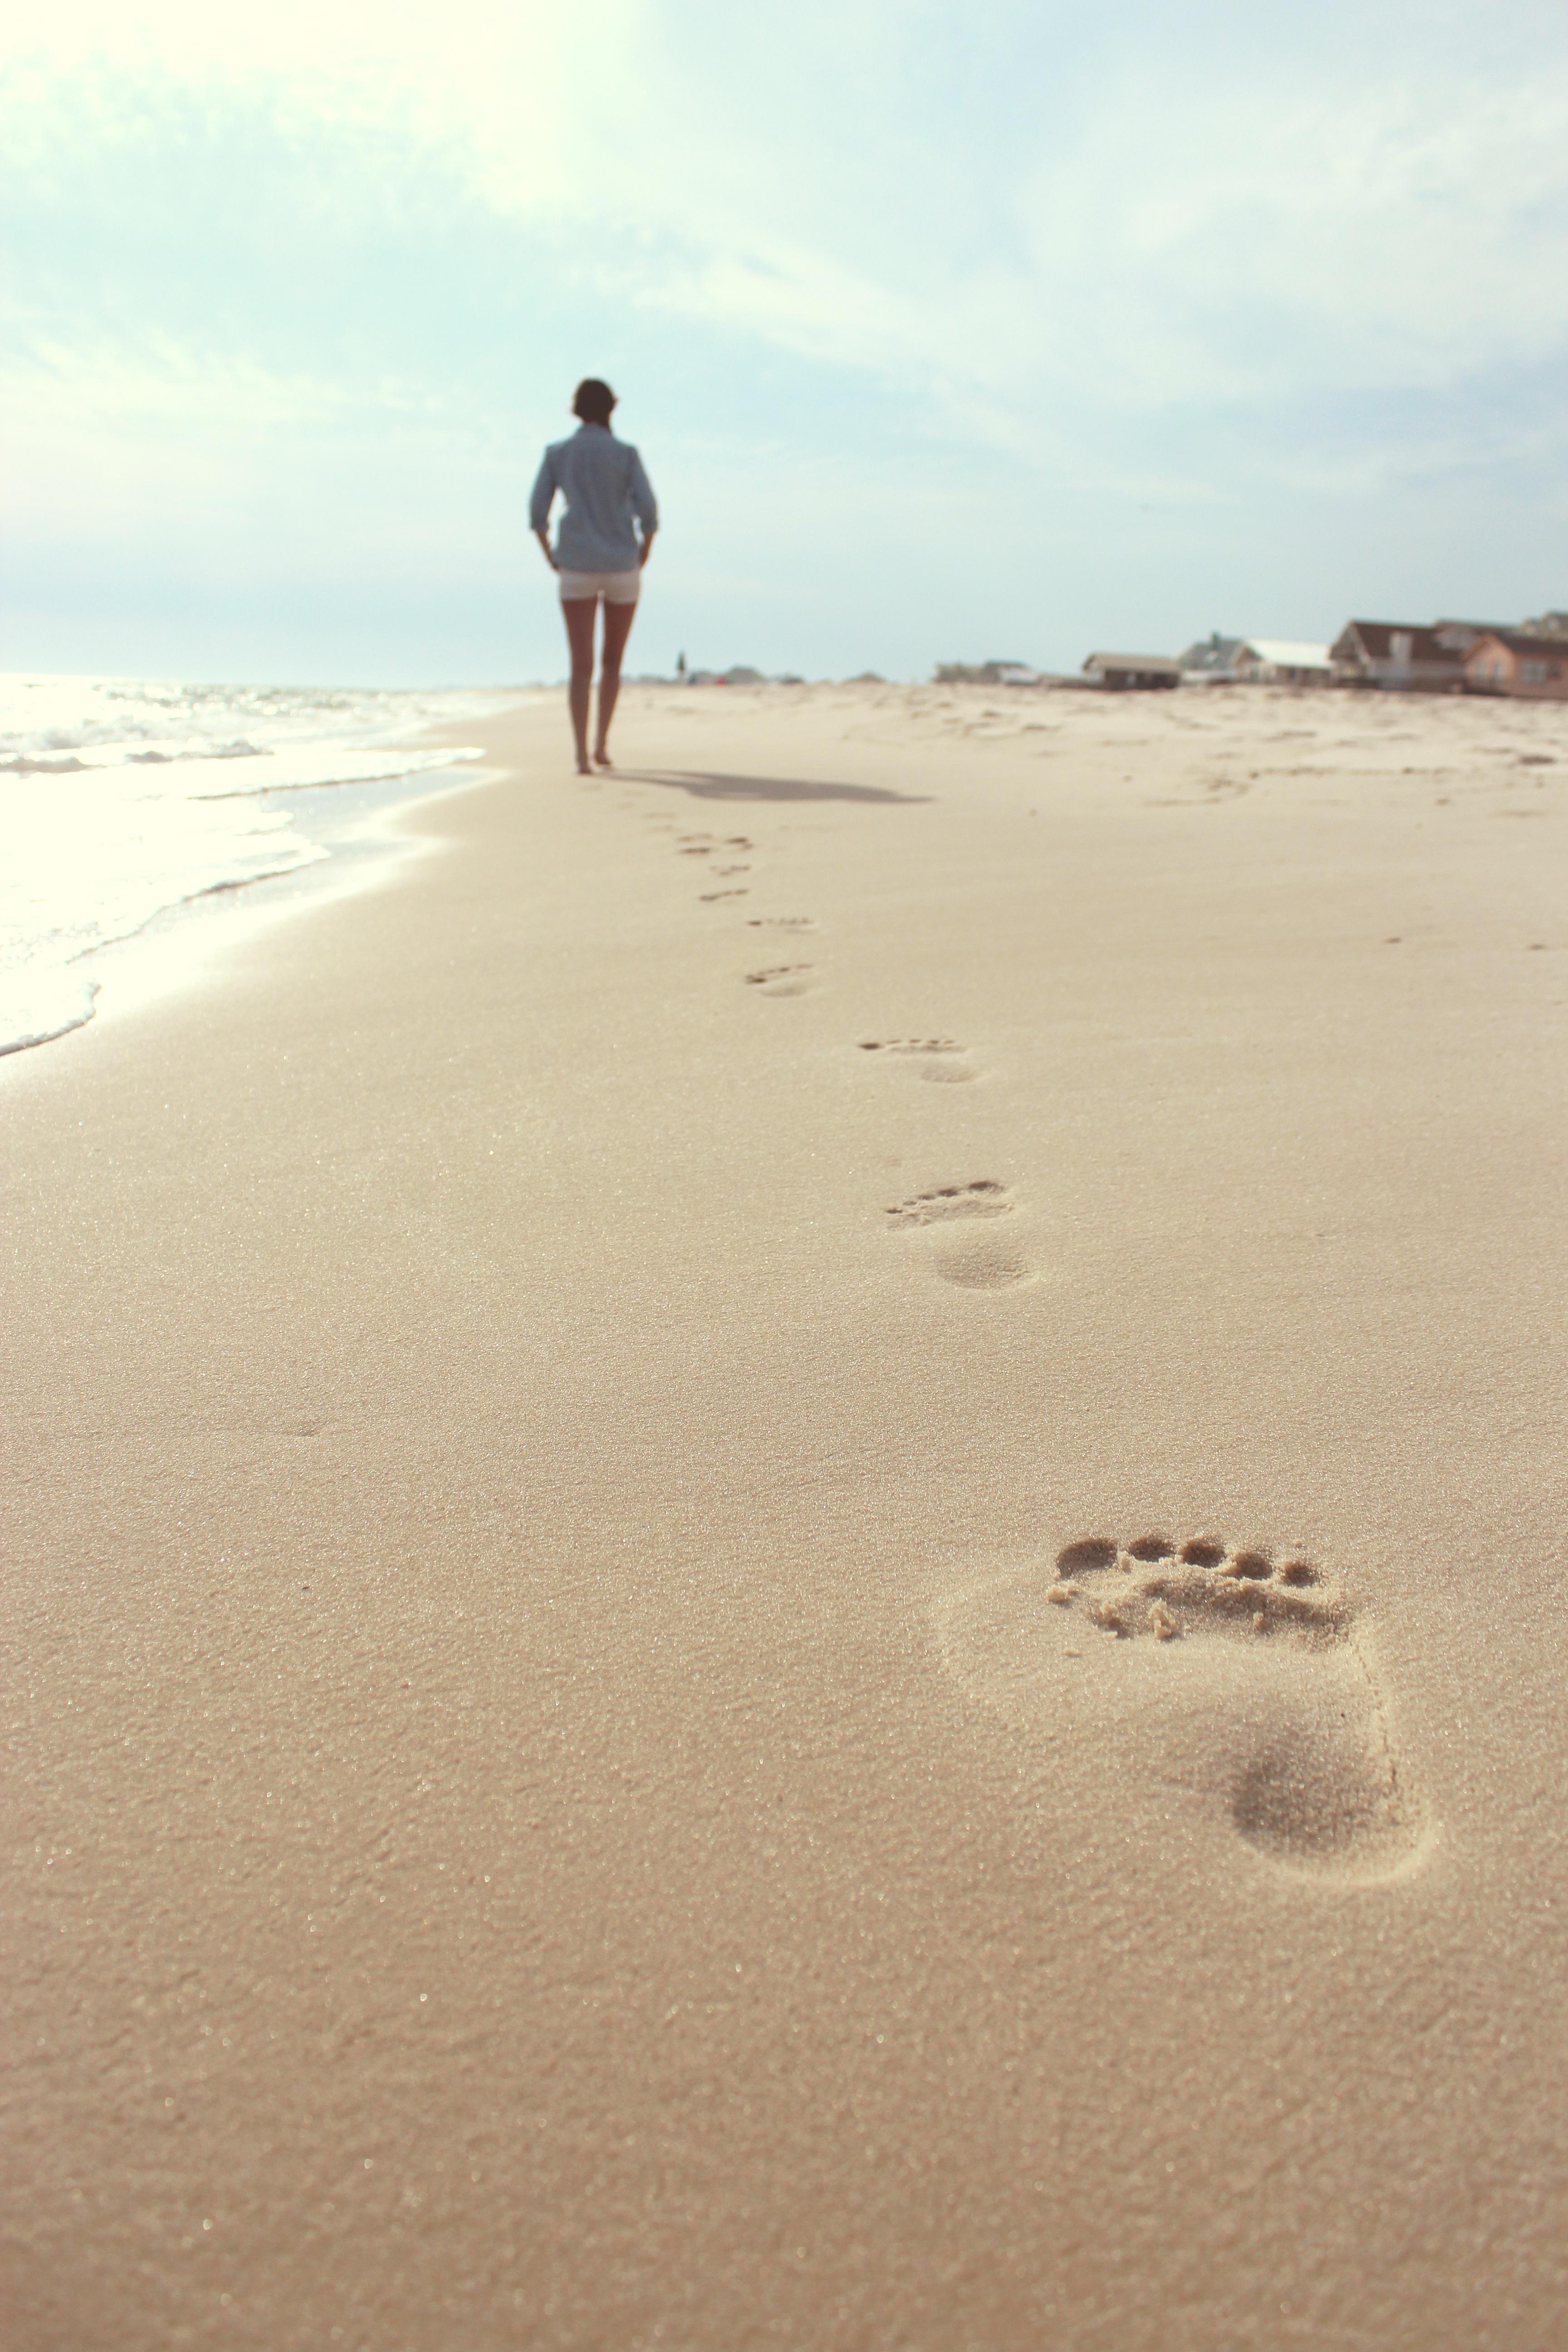 Des traces de pas sur la plage